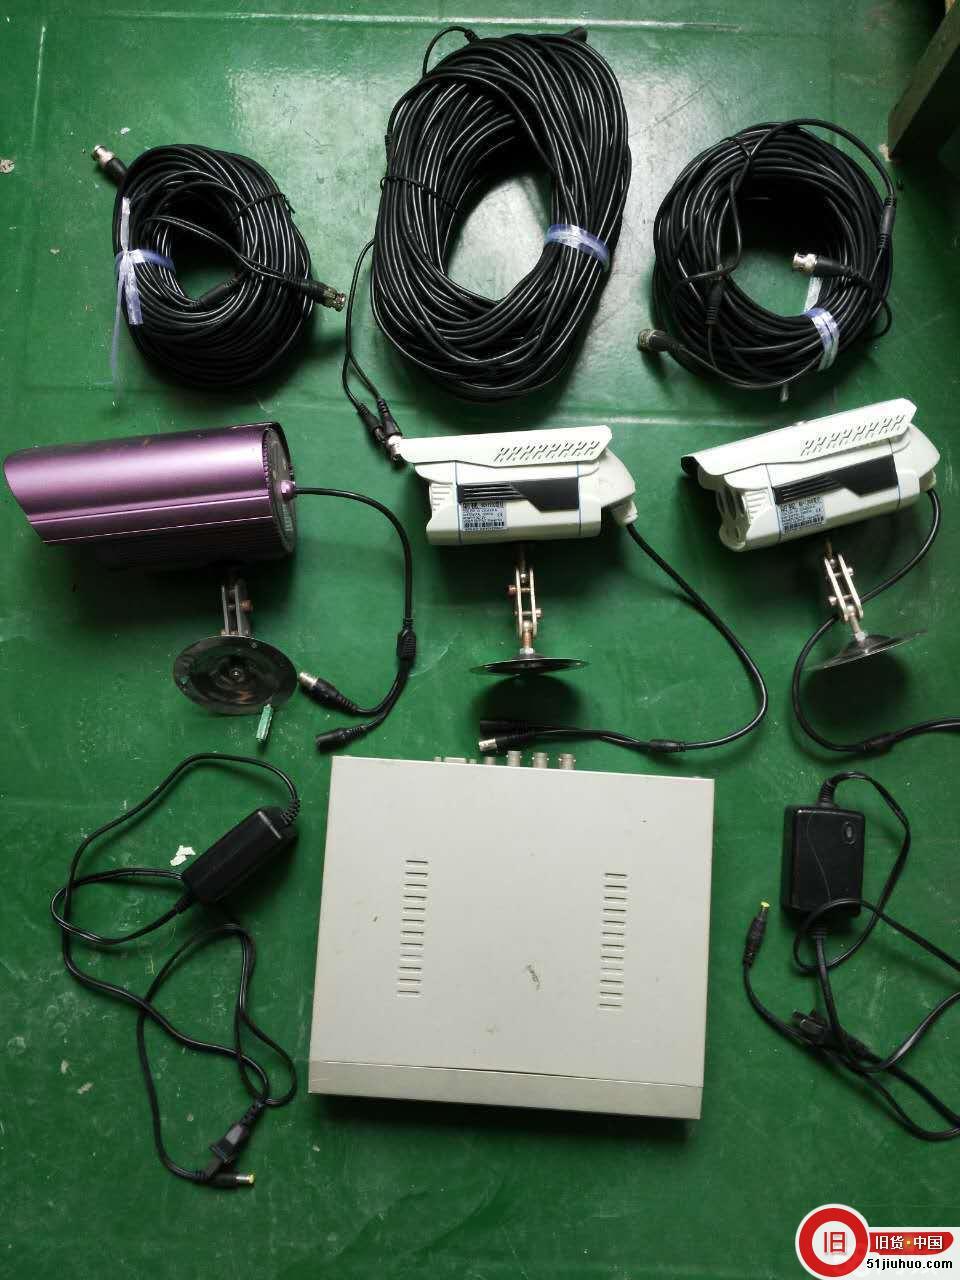 便宜出售监控摄像头和监控录像机